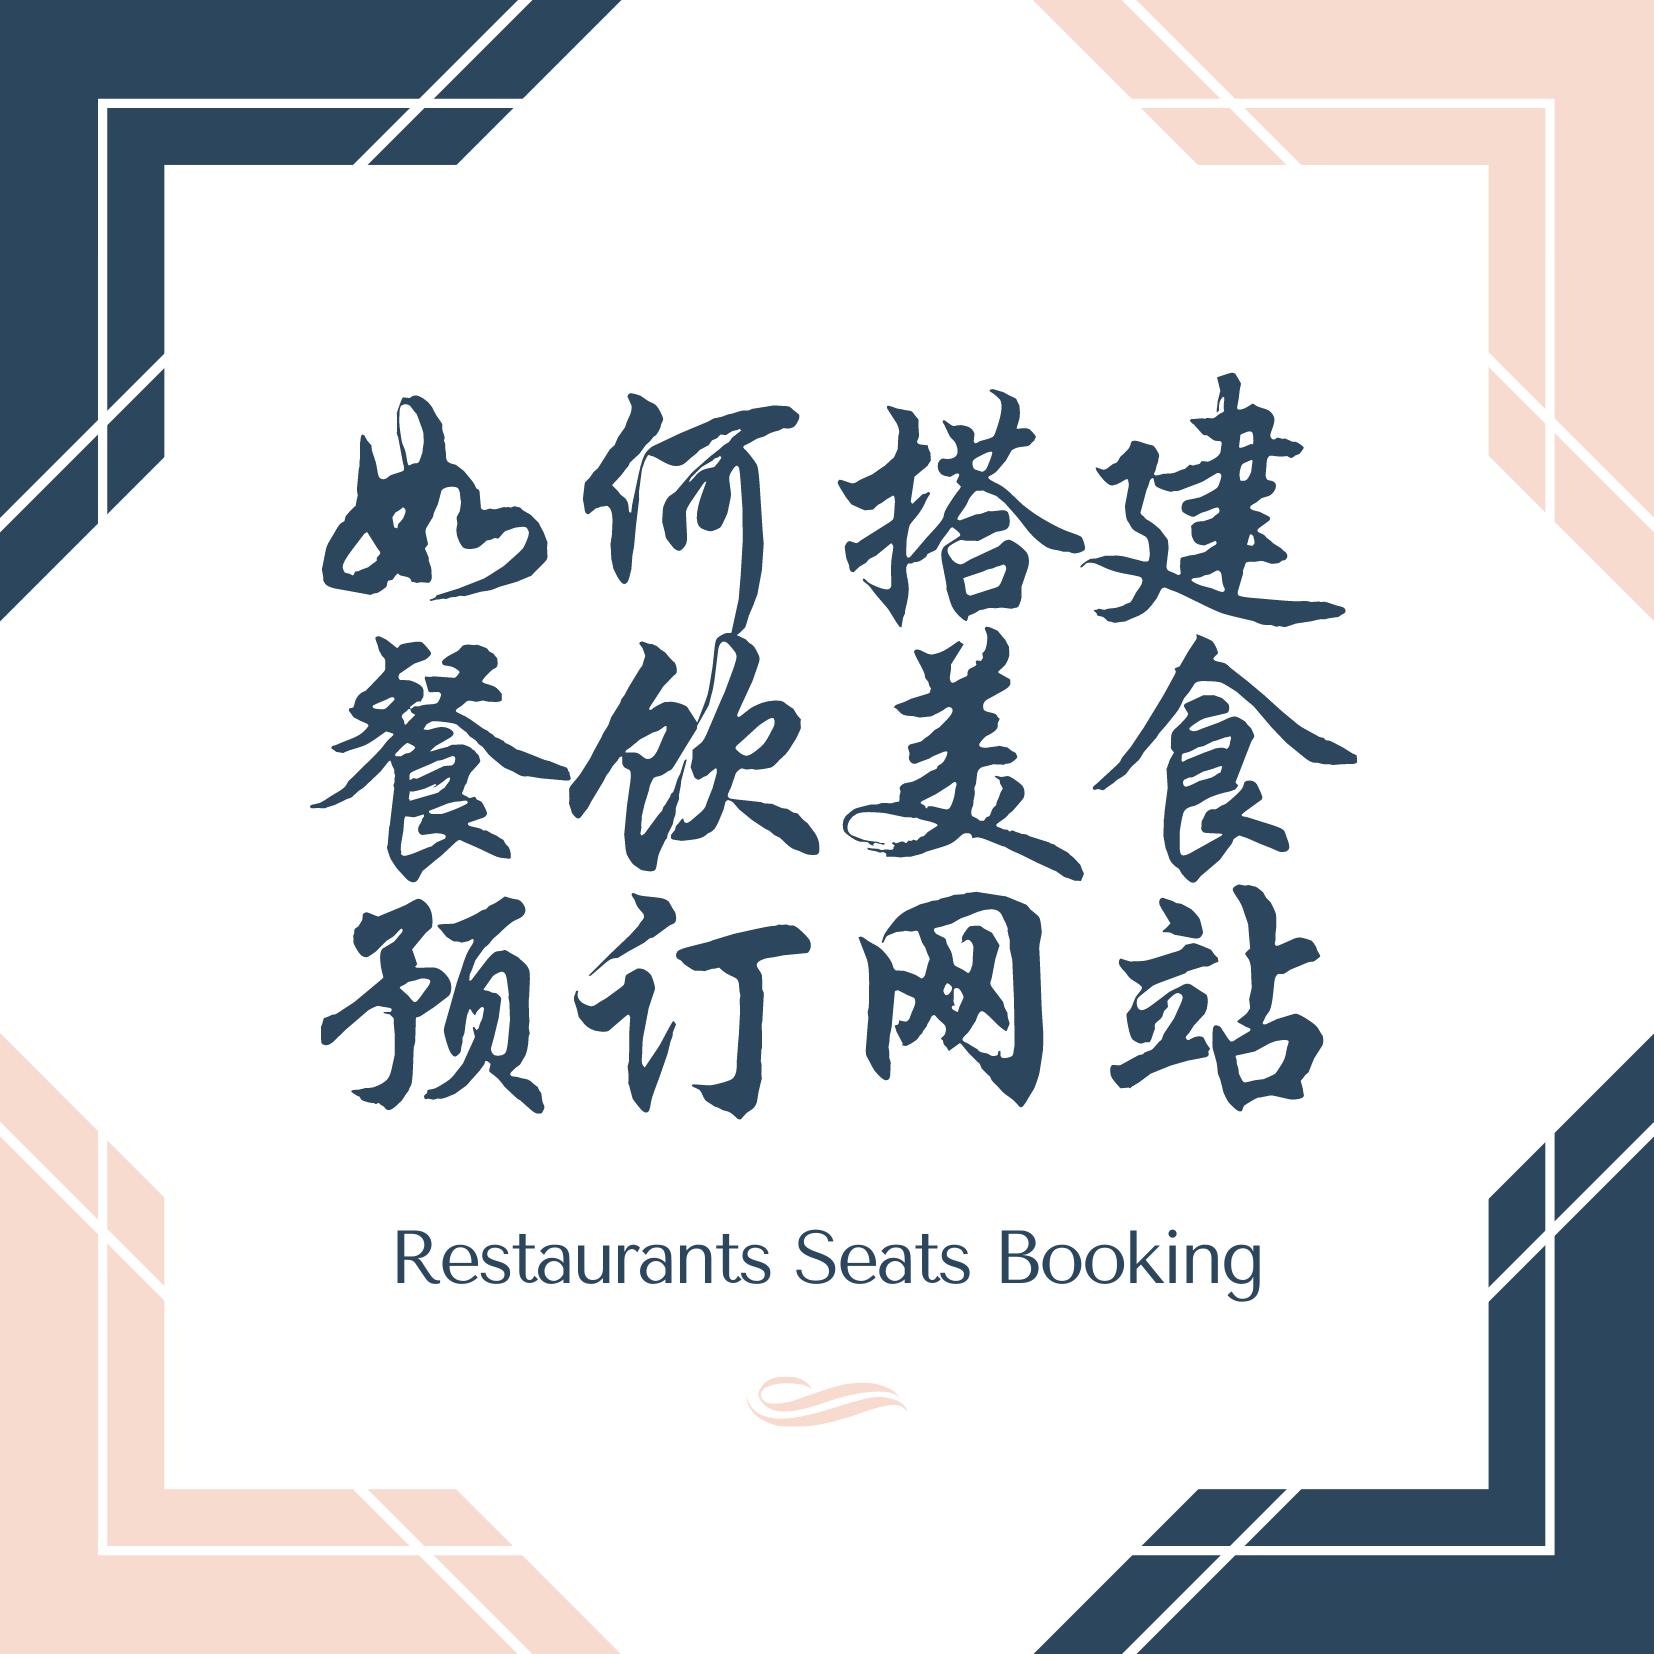 restaurants websites